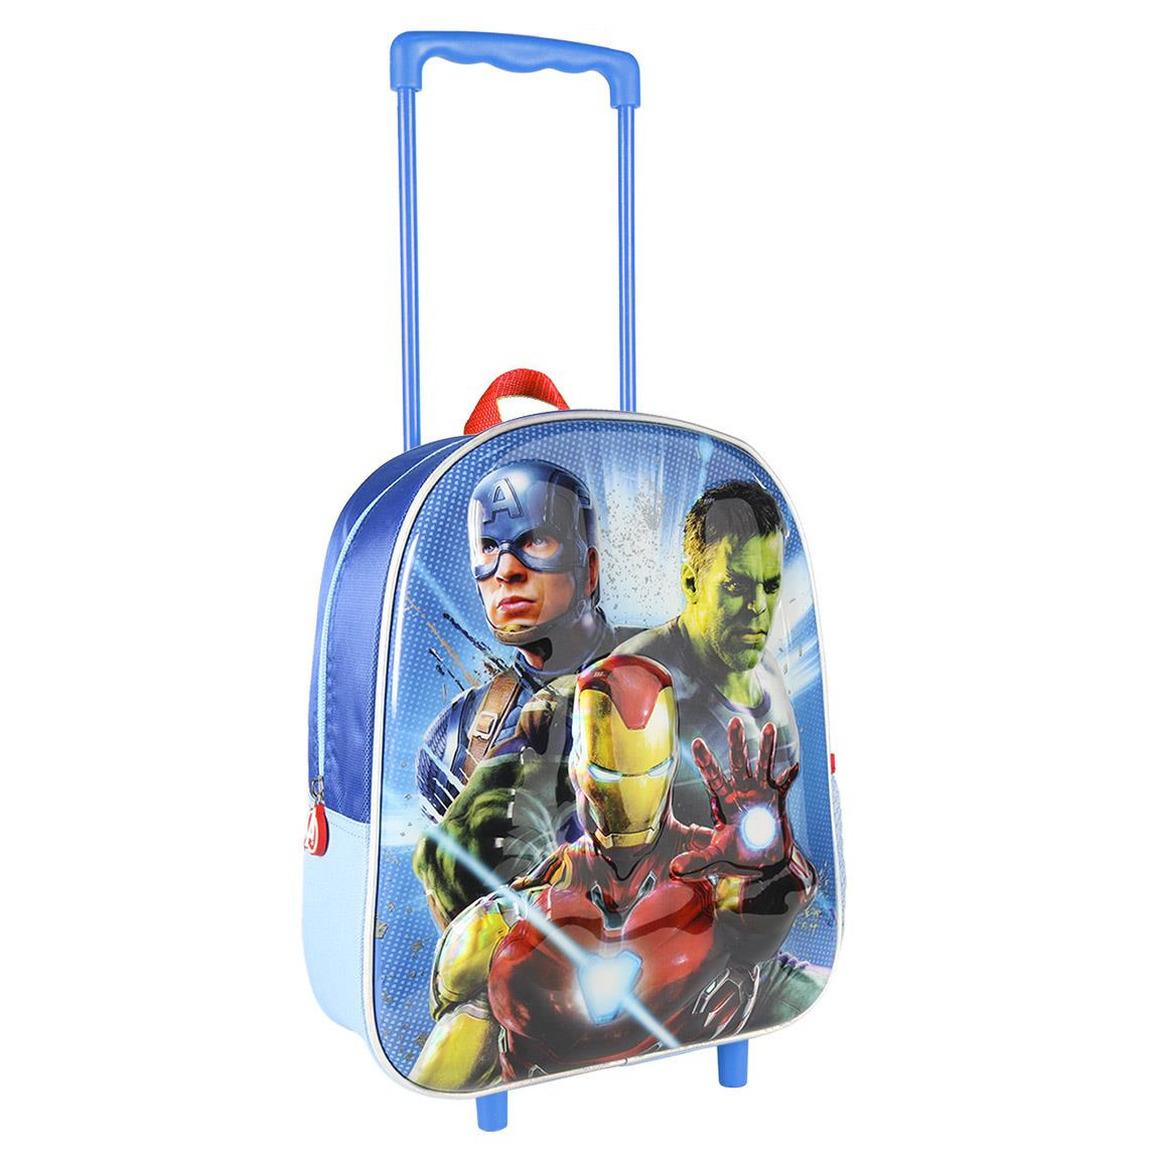 Marvel The Avengers handbagage koffer-weekendtas voor jongens-meisjes-kinderen